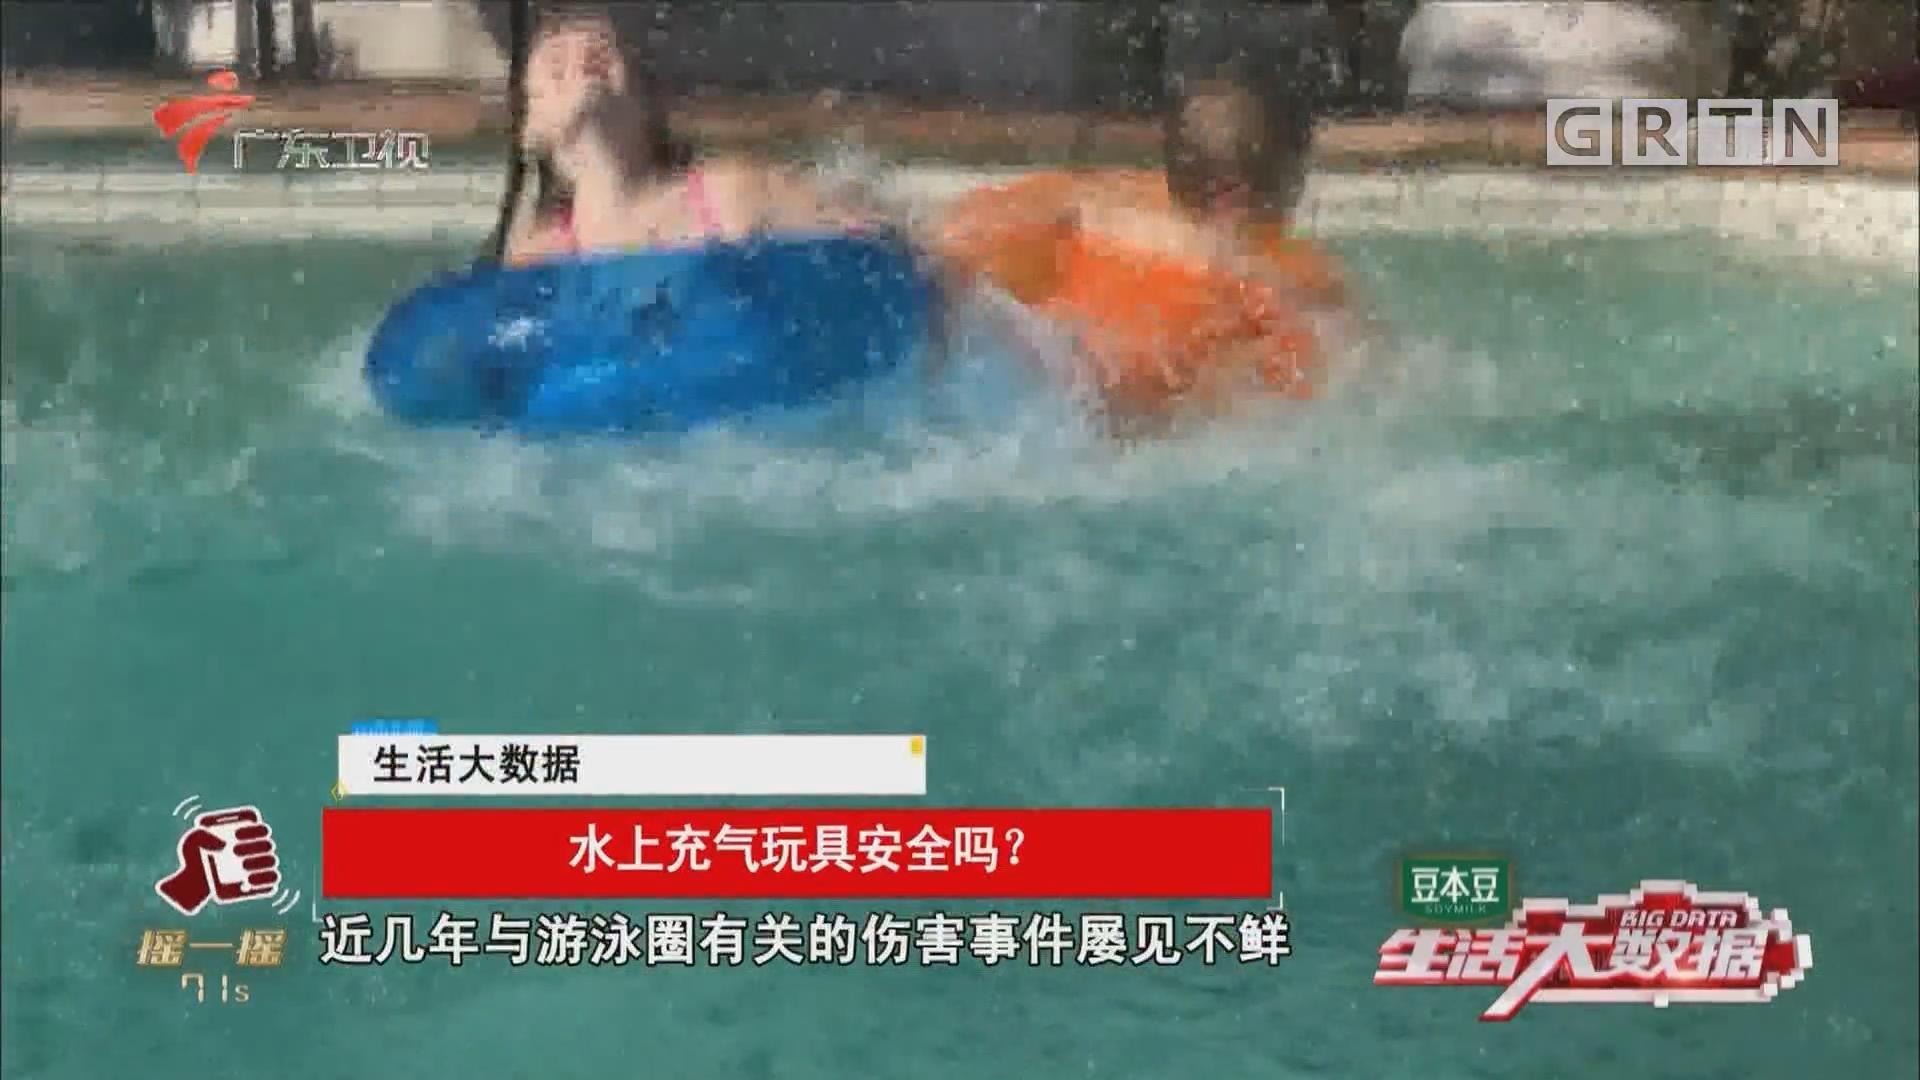 水上充气玩具安全吗?